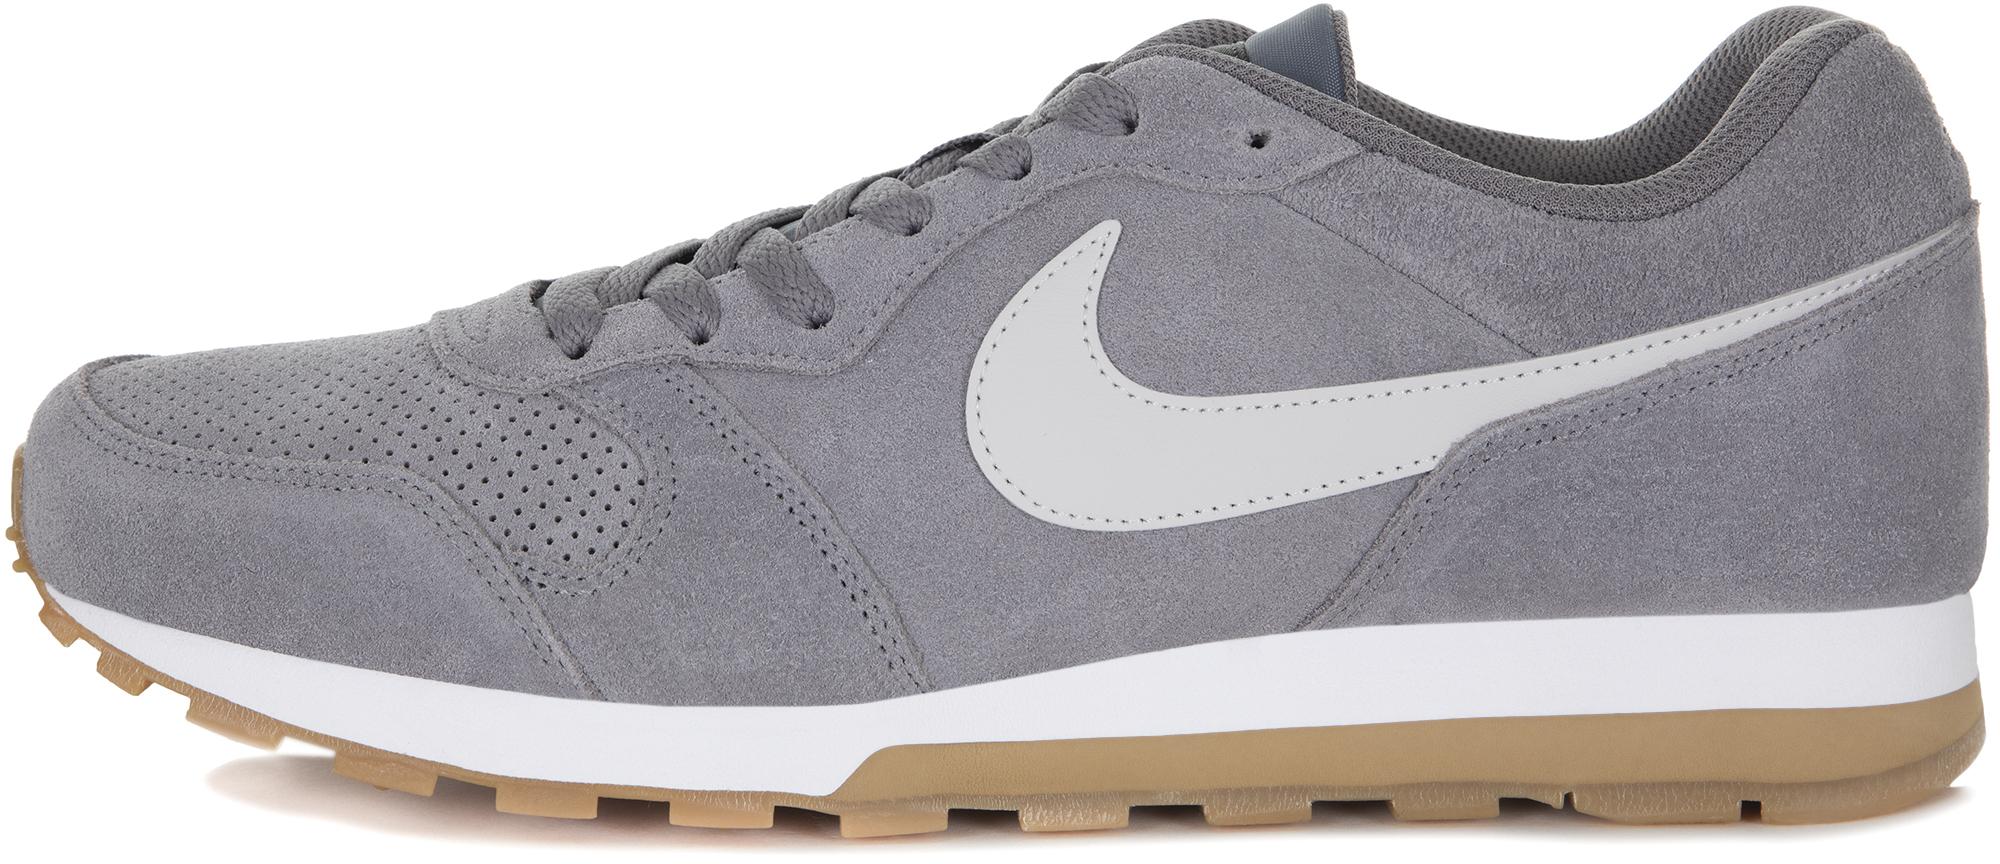 купить Nike Кроссовки мужские Nike MD Runner 2, размер 46,5 по цене 4999 рублей